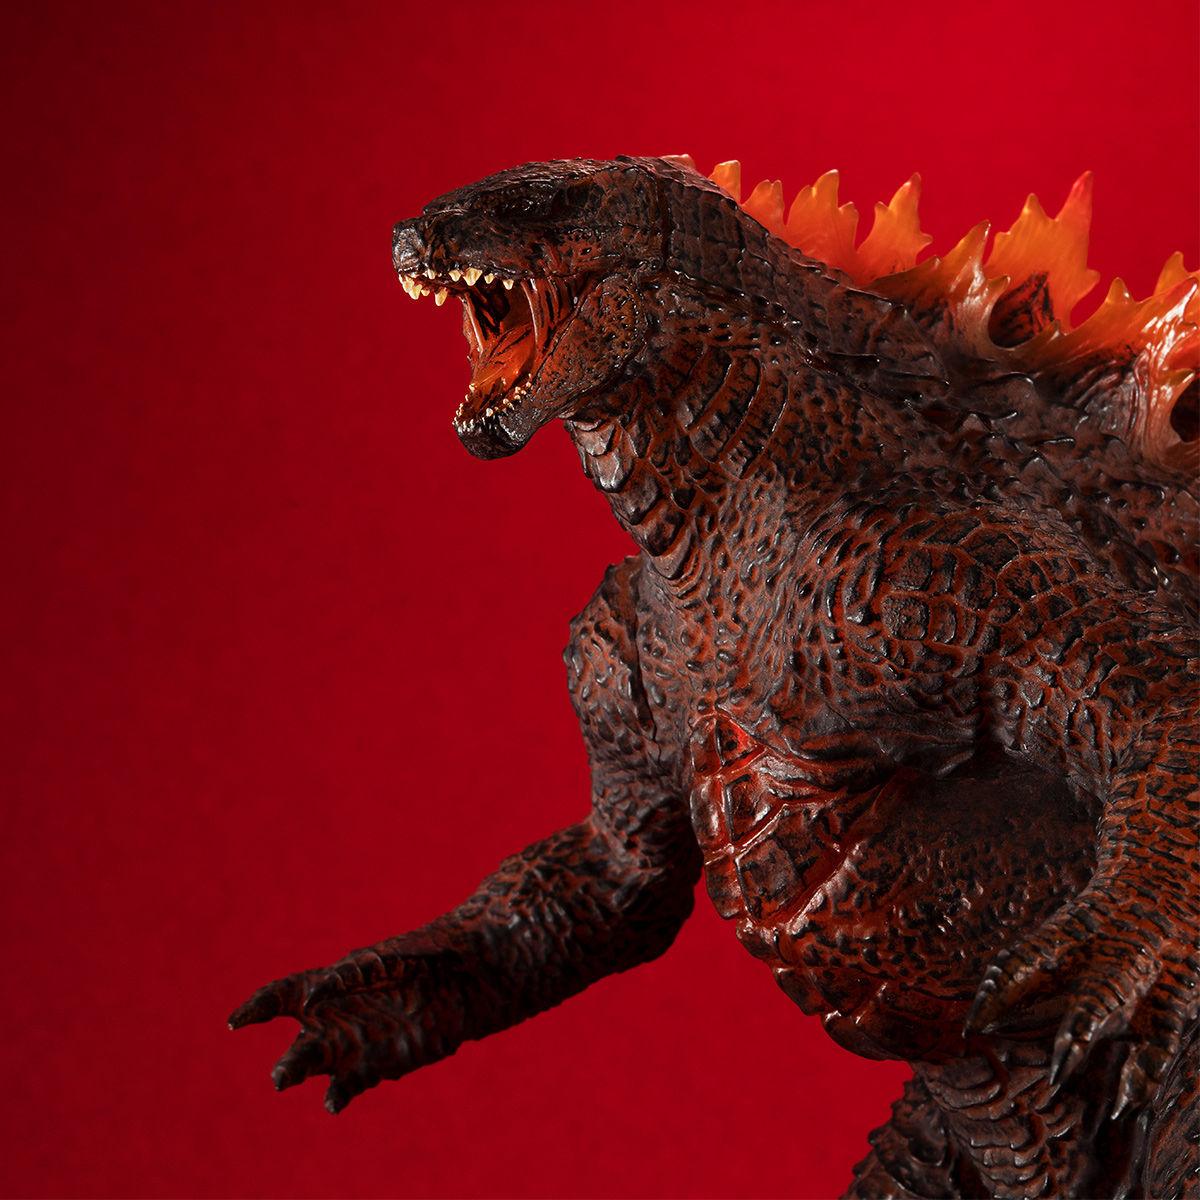 【限定販売】UA Monsters『バーニング・ゴジラ 2019(GODZILLA II)』ゴジラ キング・オブ・モンスターズ 完成品フィギュア-009